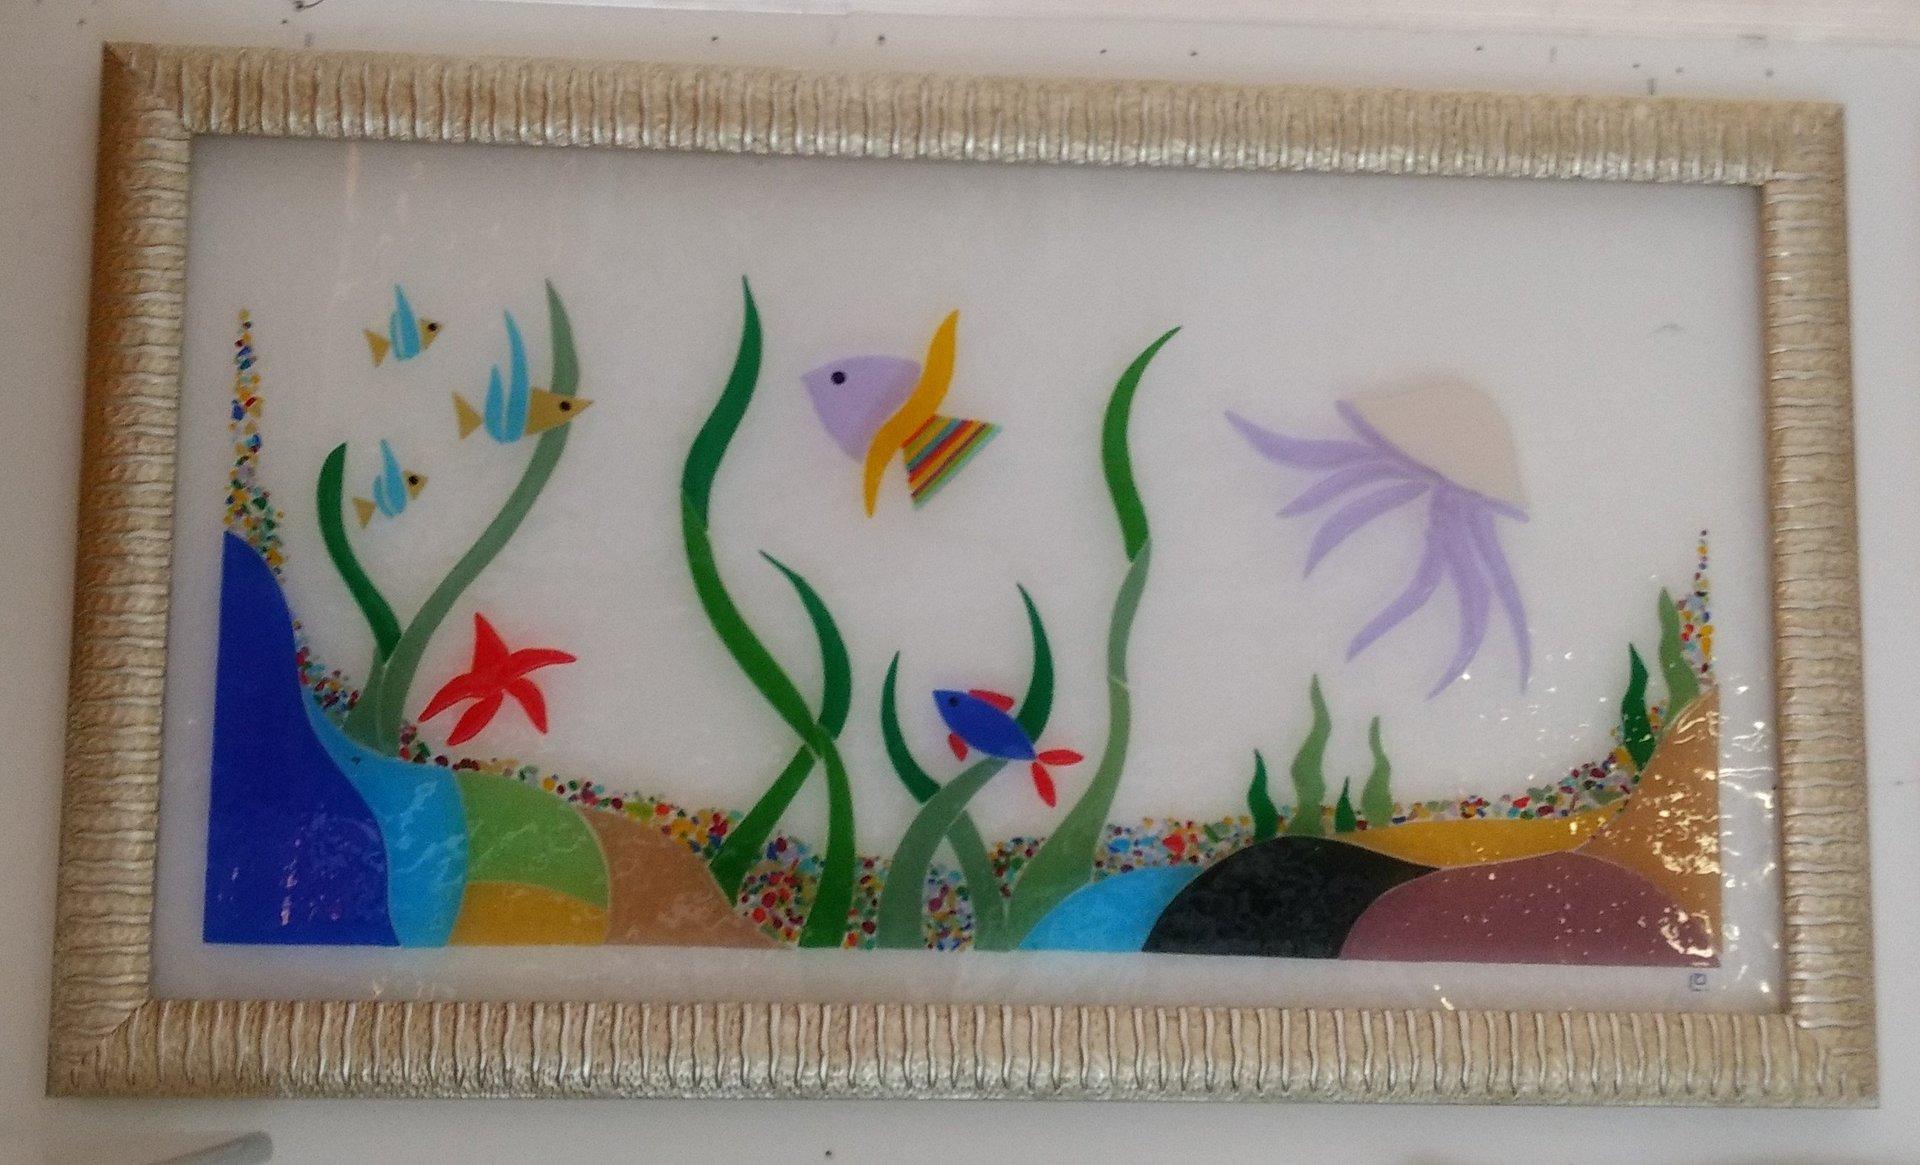 disegno colorato su vetro